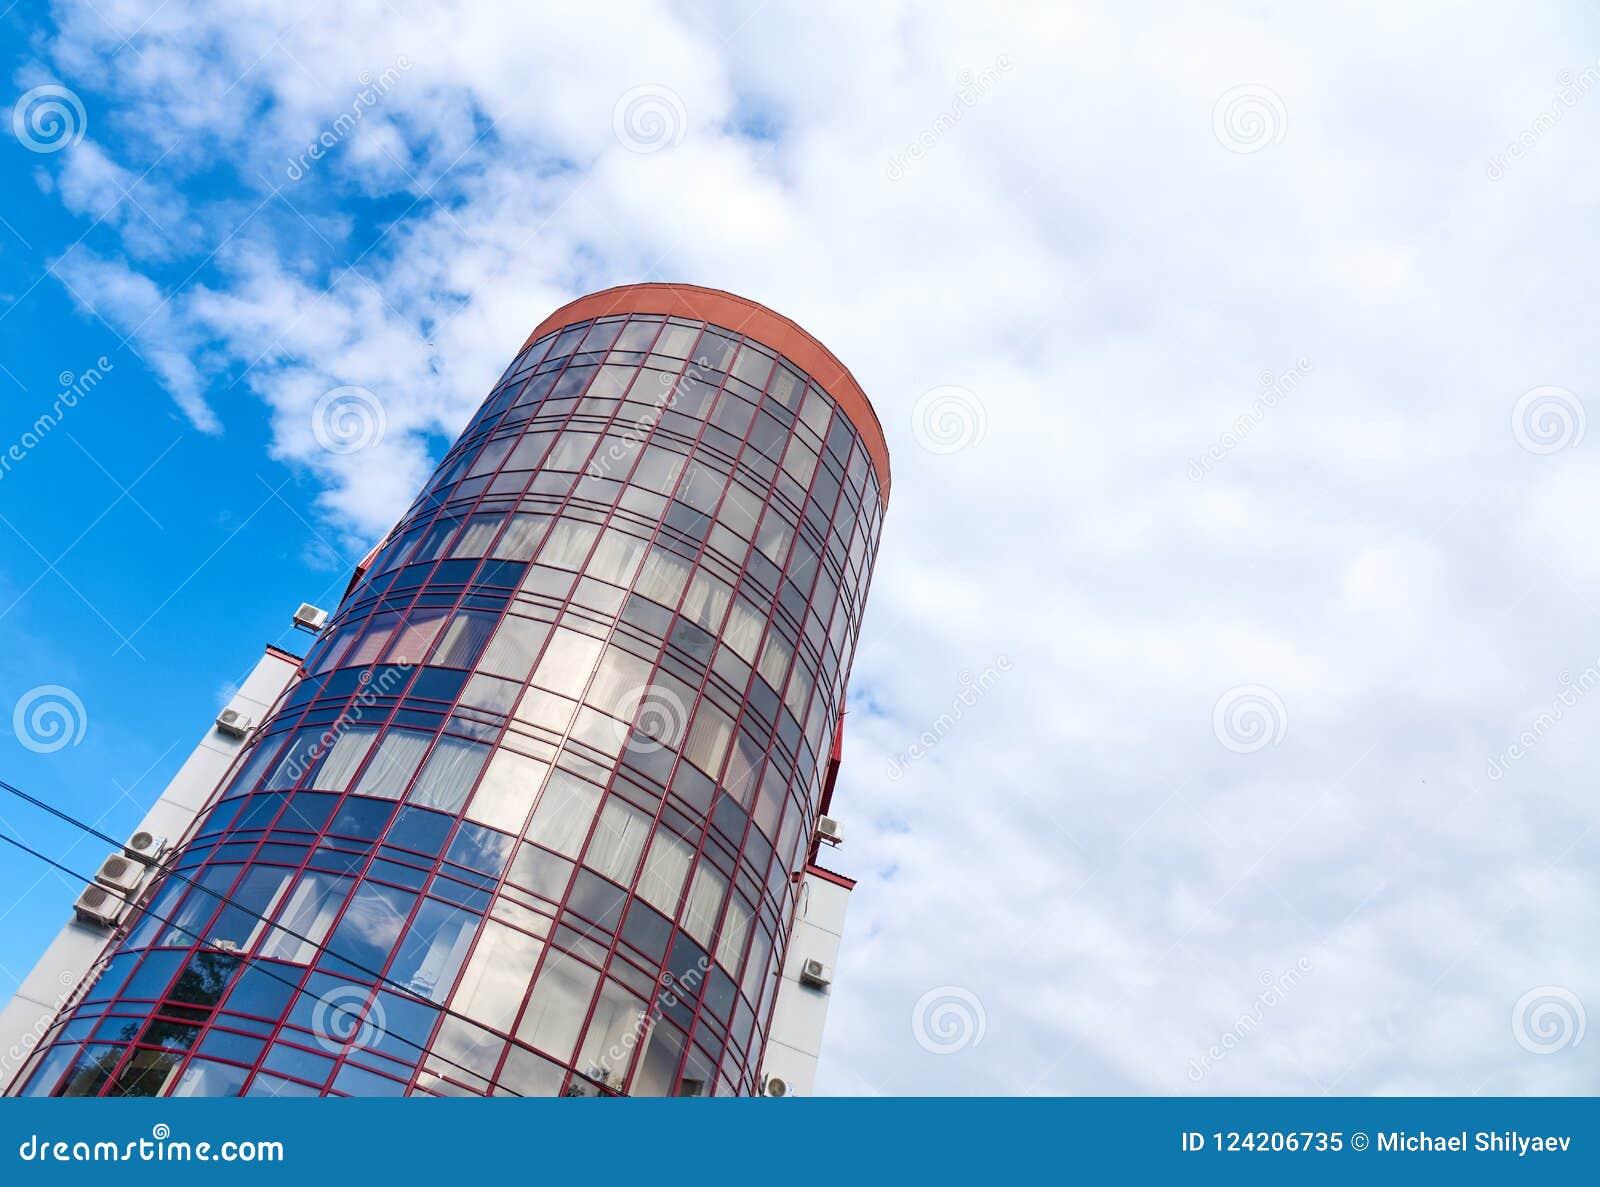 Moderne wolkenkrabber met een unieke ronde vorm, bewolkte hemelachtergrond, exemplaarruimte